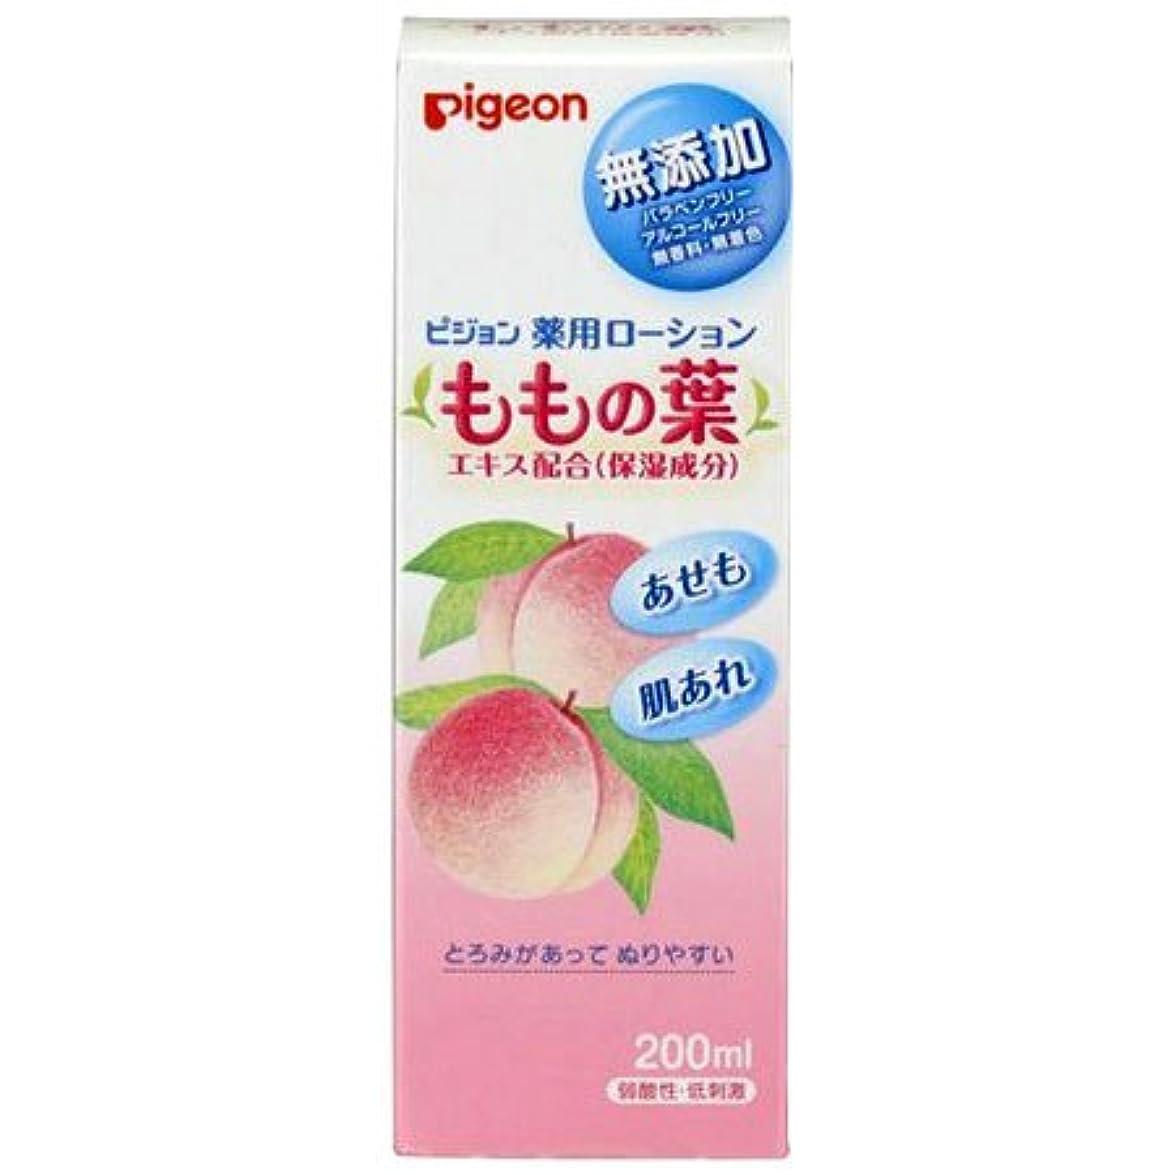 【6本】ピジョン 薬用ローション (ももの葉) 200ml x6本(医薬部外品) (0ヵ月~)